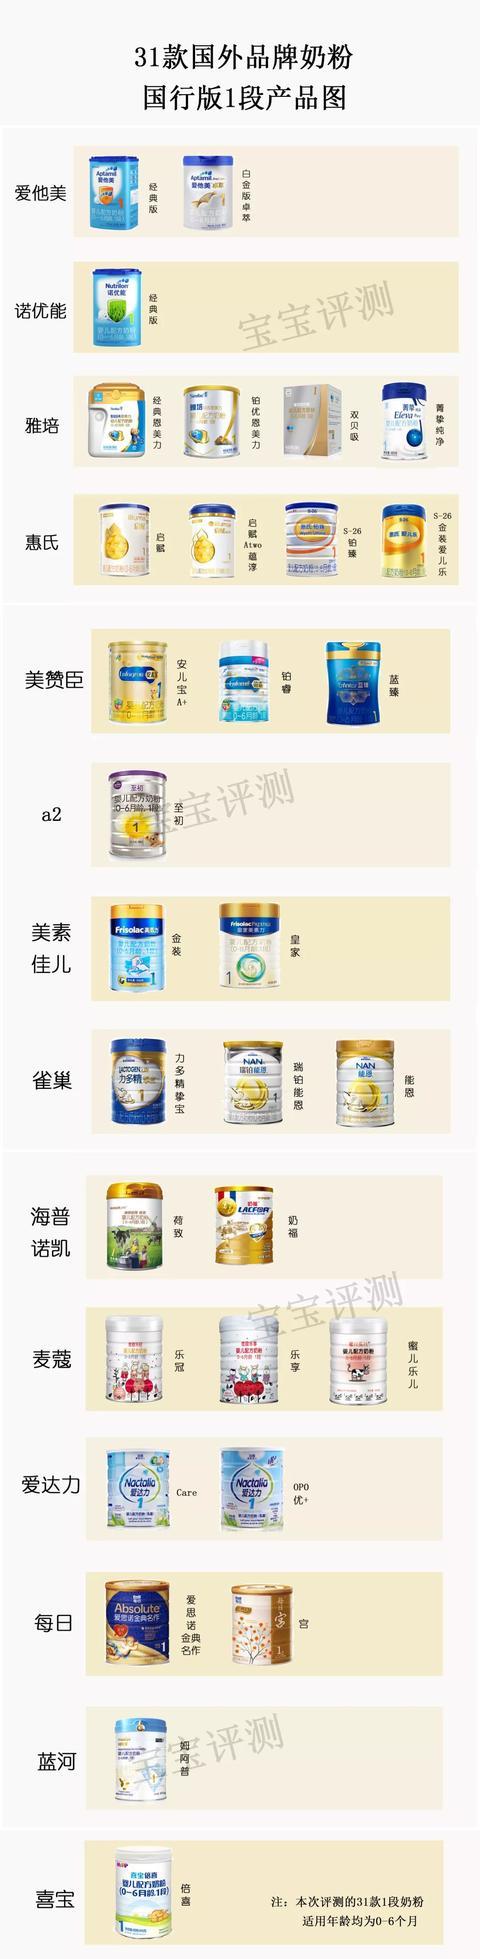 31款洋品牌奶粉独立评测:双11给宝宝囤奶别选错了!